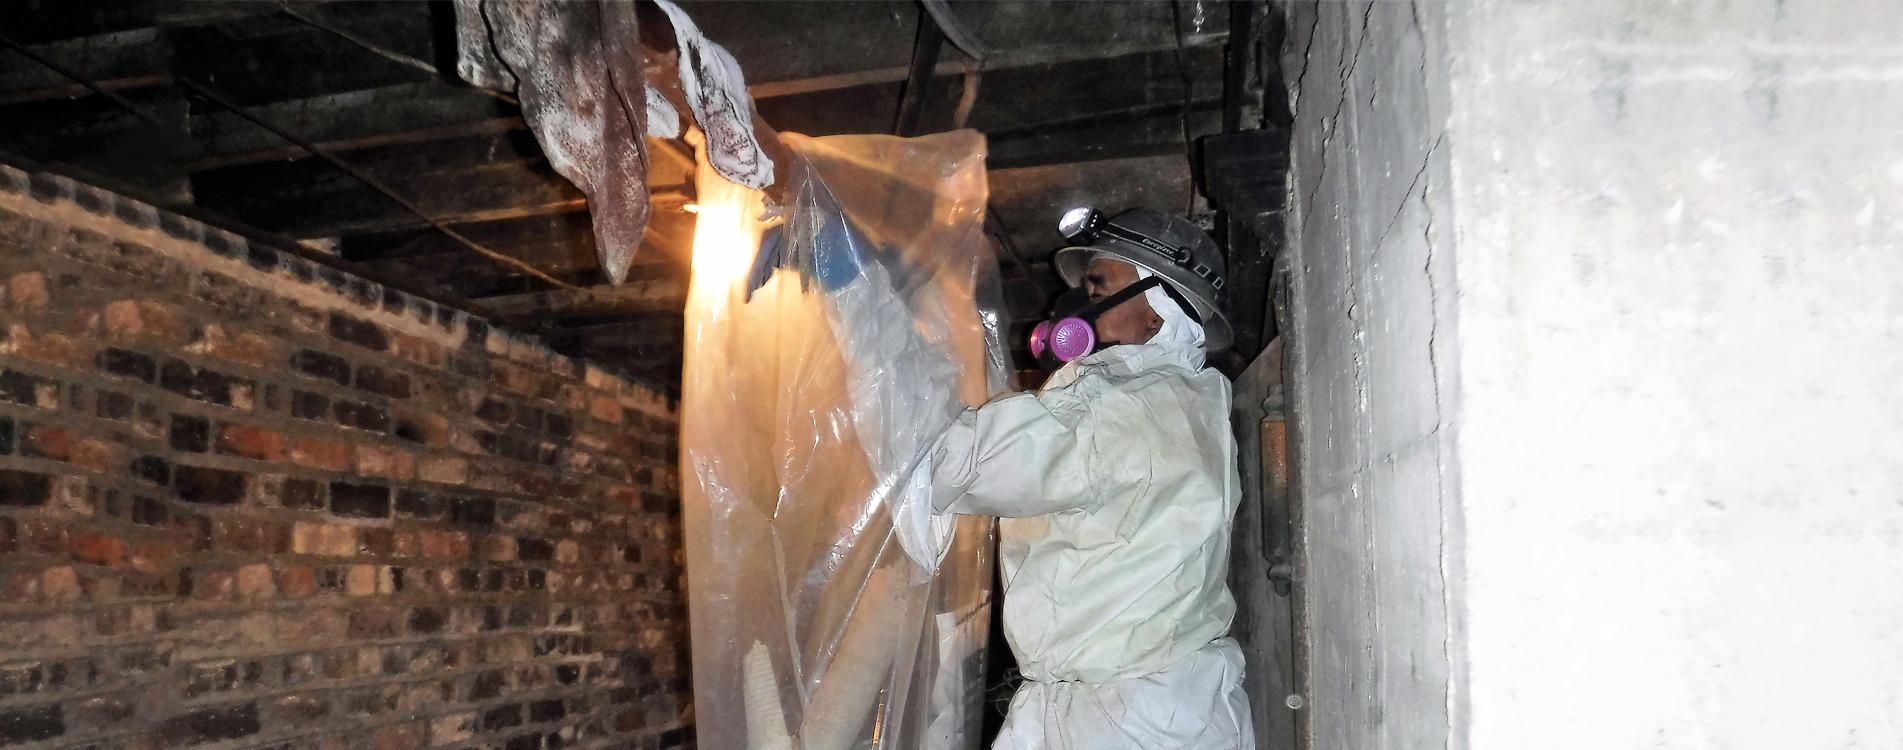 asbestos removal near me